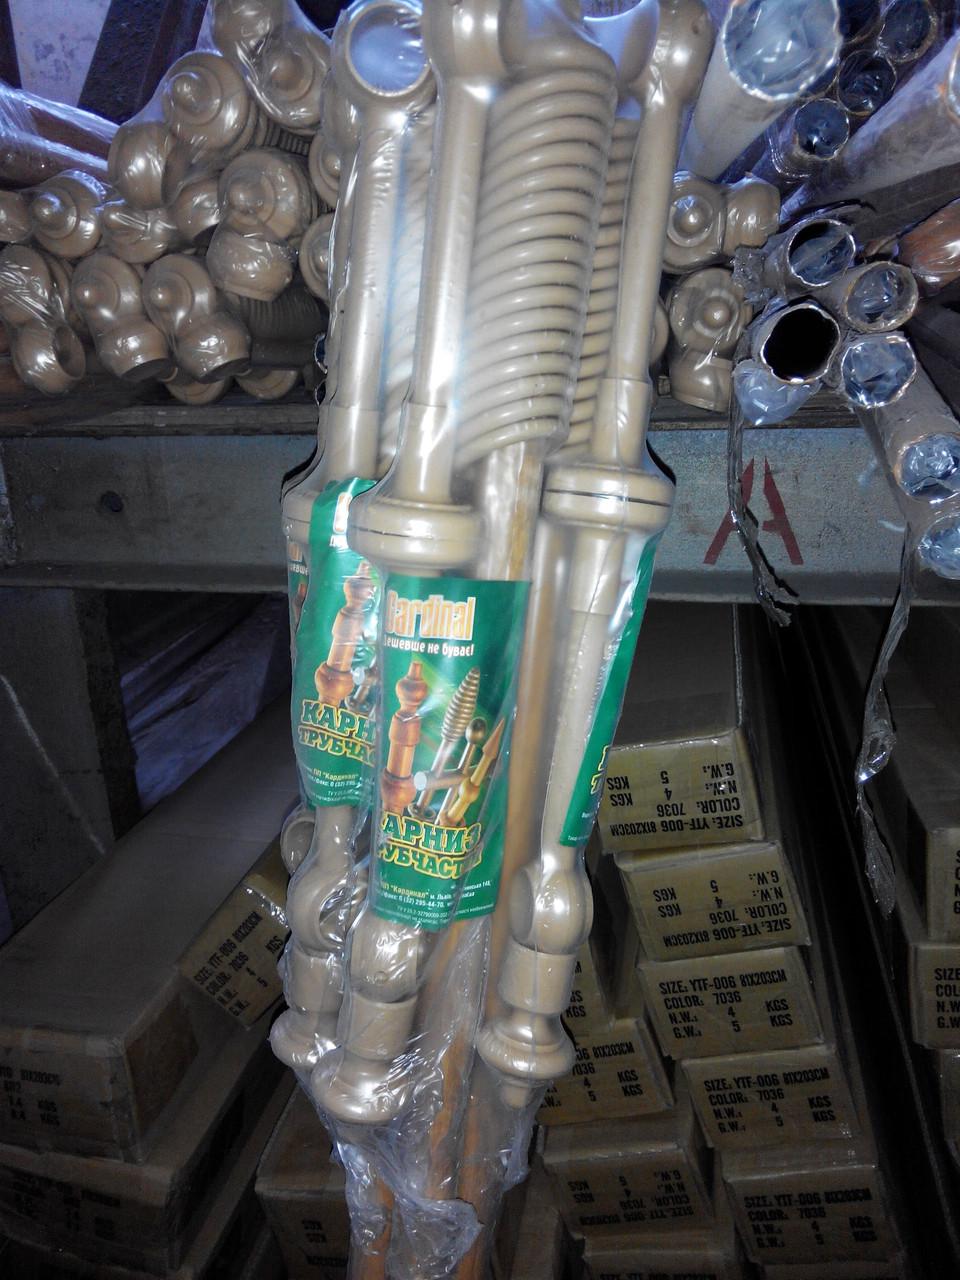 Карниз 1,2 метра двойной трубчатый металлопластиковый, ассортимент цветов, доставка по Украине - фото 2